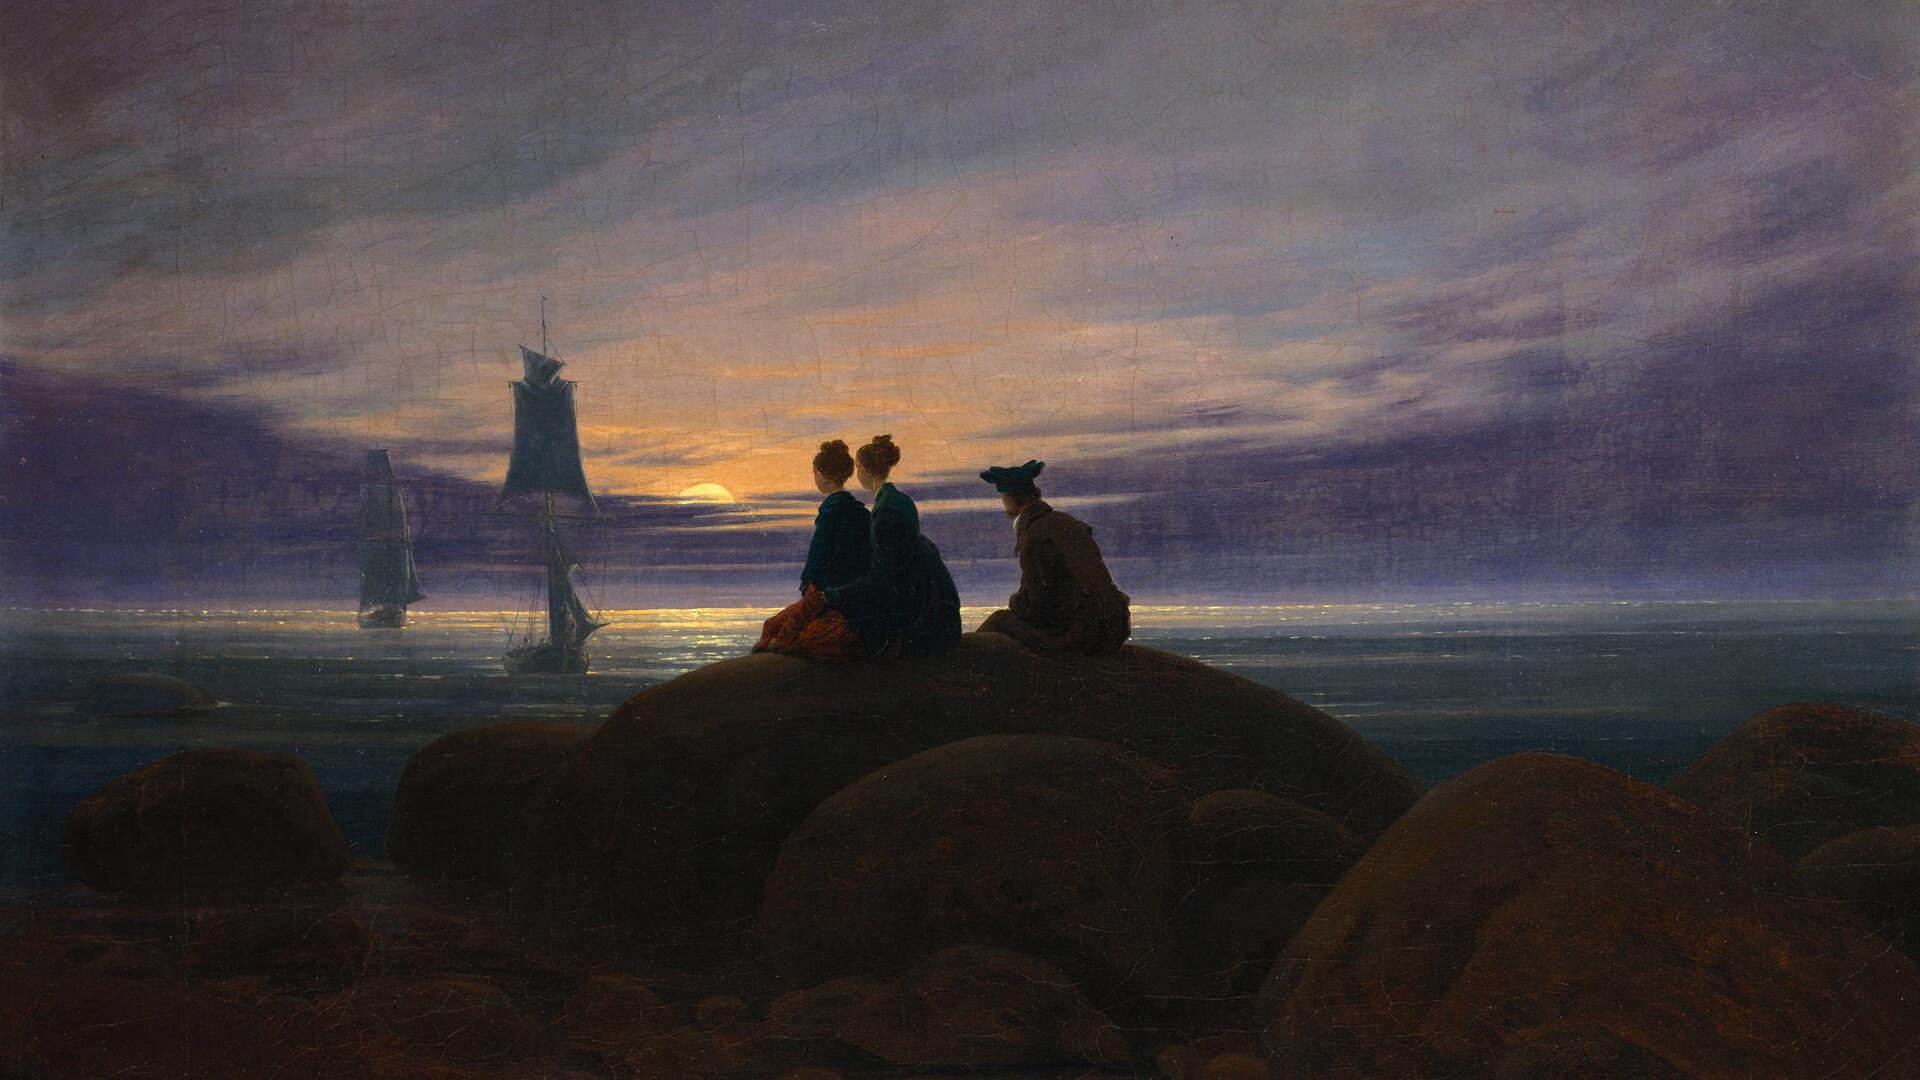 カスパー・ダーヴィト・フリードリヒ Caspar David Friedrich / Moonrise over the Sea